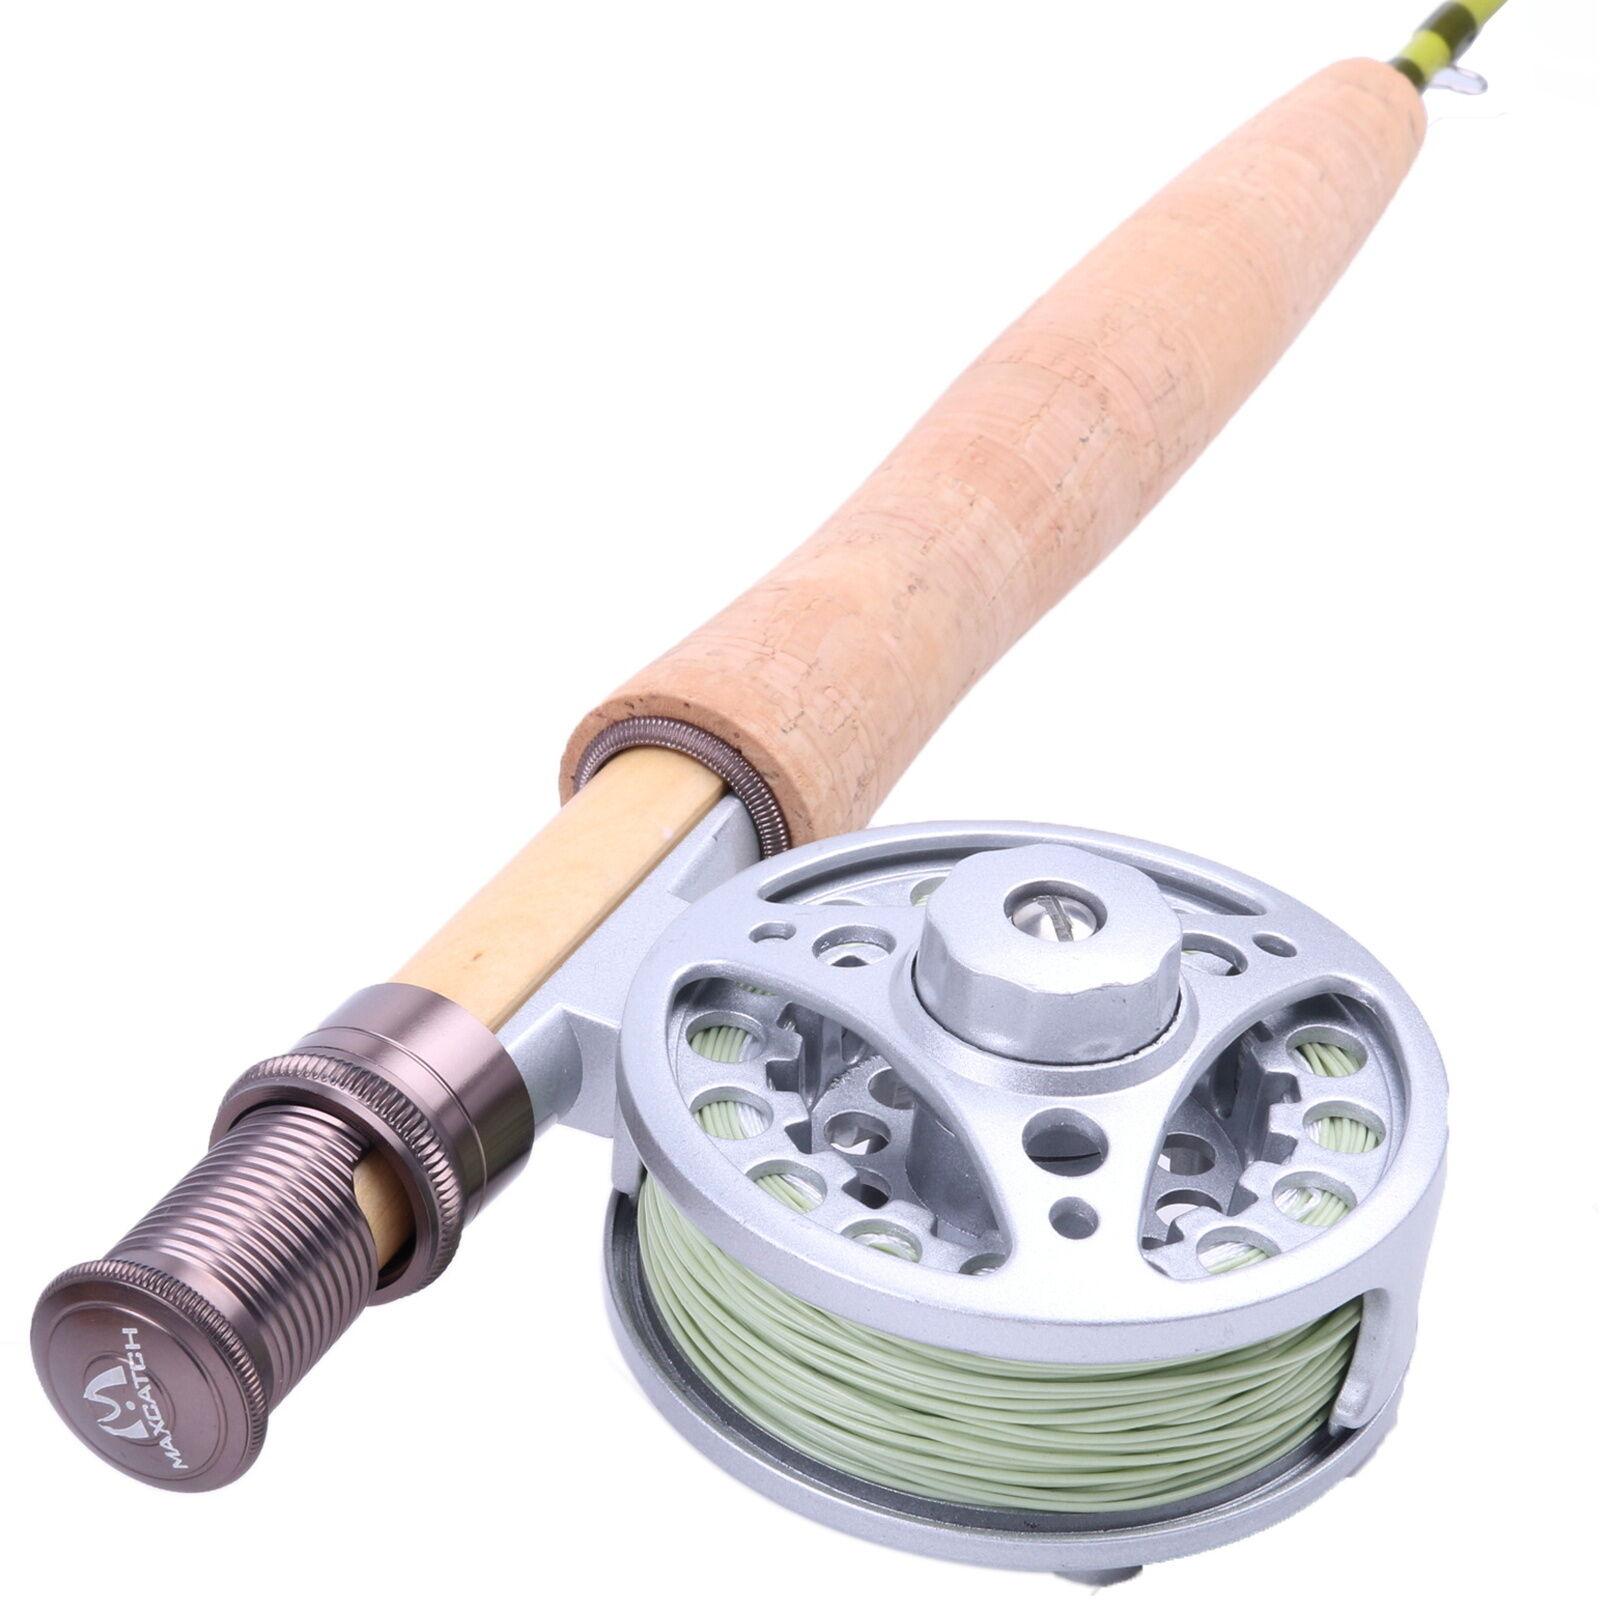 1WT Fly Rod And Reel Combo 6FT MediumFast Fly Fishing Rod & Aluminum Fly Reel